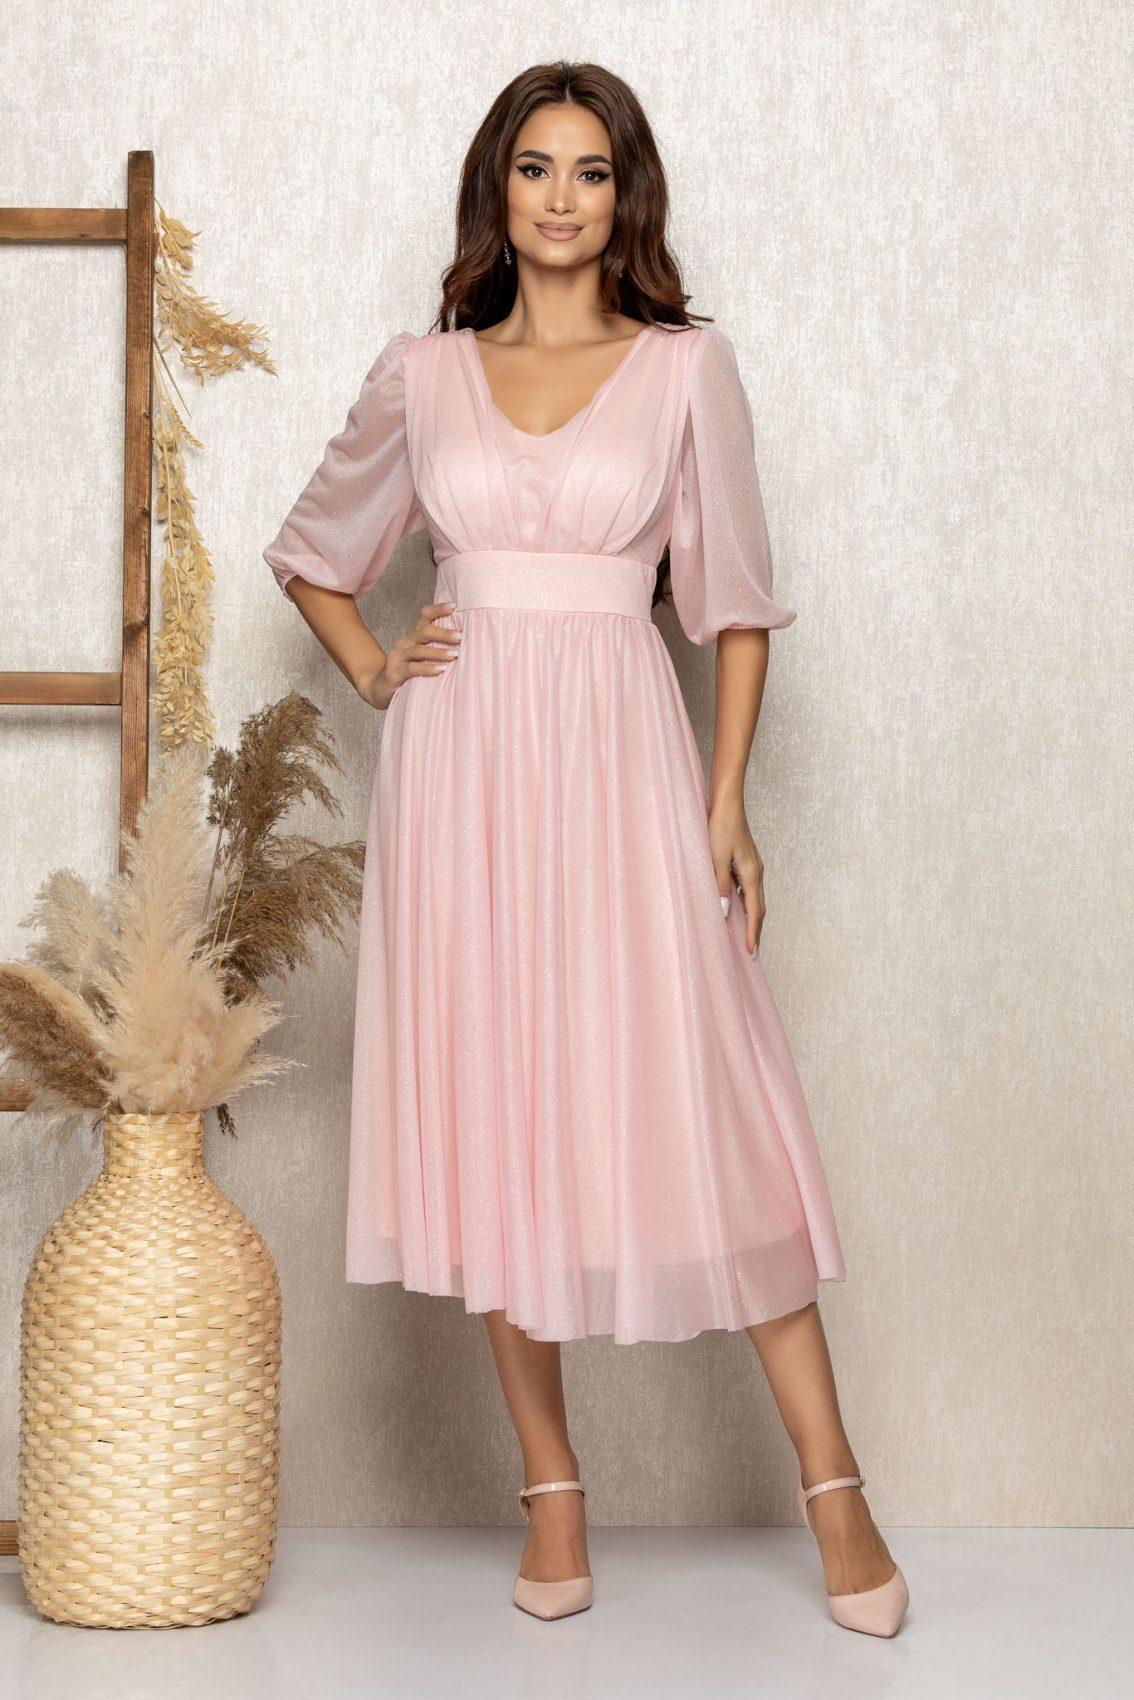 Ροζ Μίντι Βραδινό Φόρεμα Με Γκλίτερ Nicolette T305 1